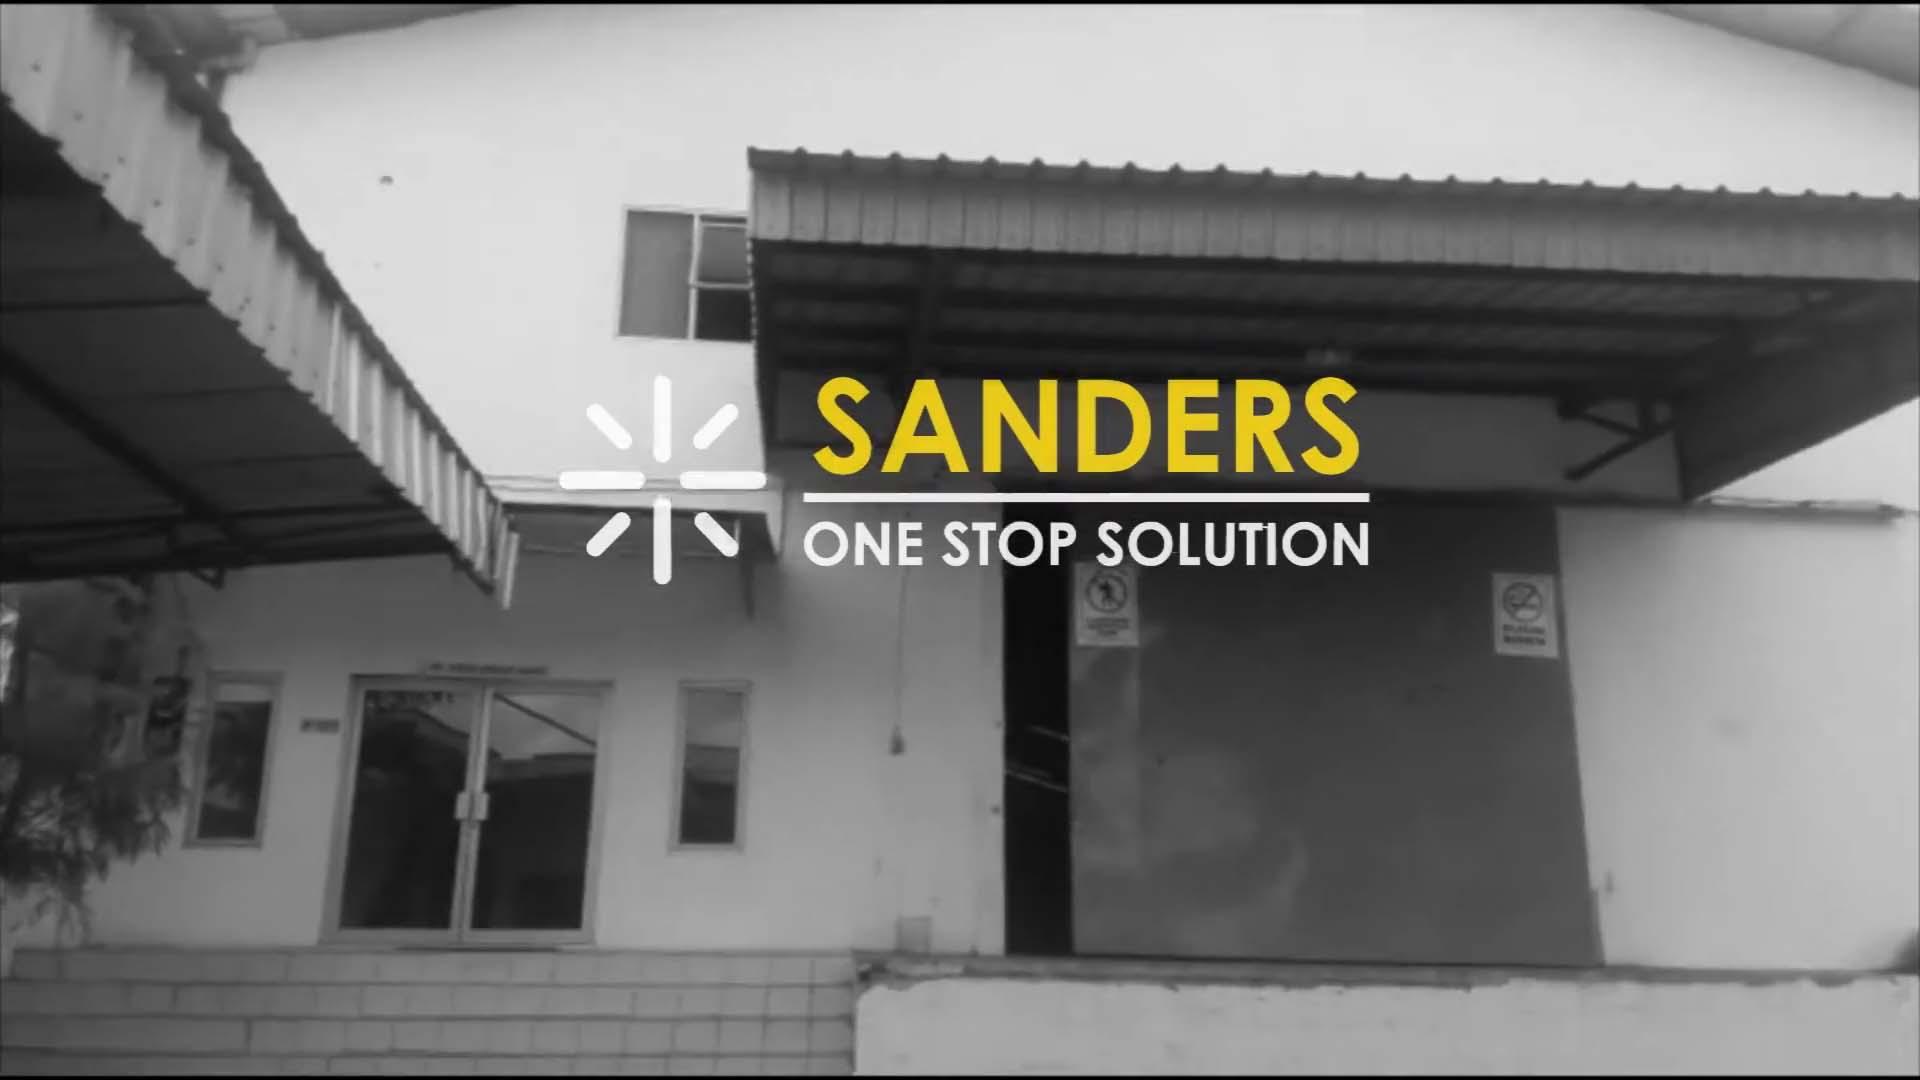 Sosialisasi Sanders di Jambi